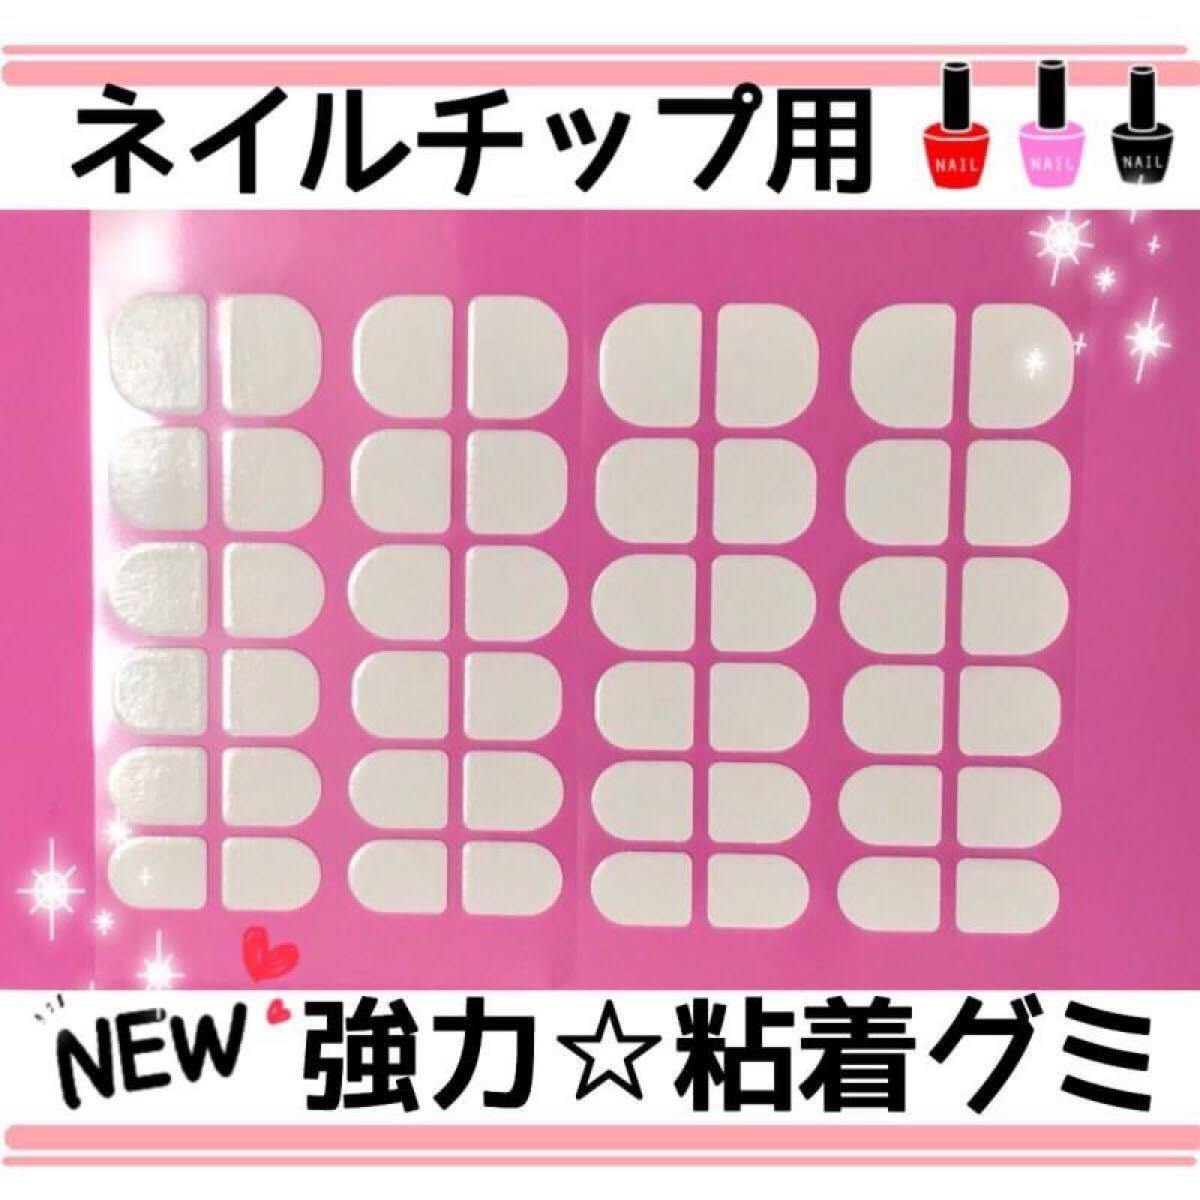 ネイルチップ用 新感覚 粘着グミシール 簡単 付け爪 シール 2枚シート